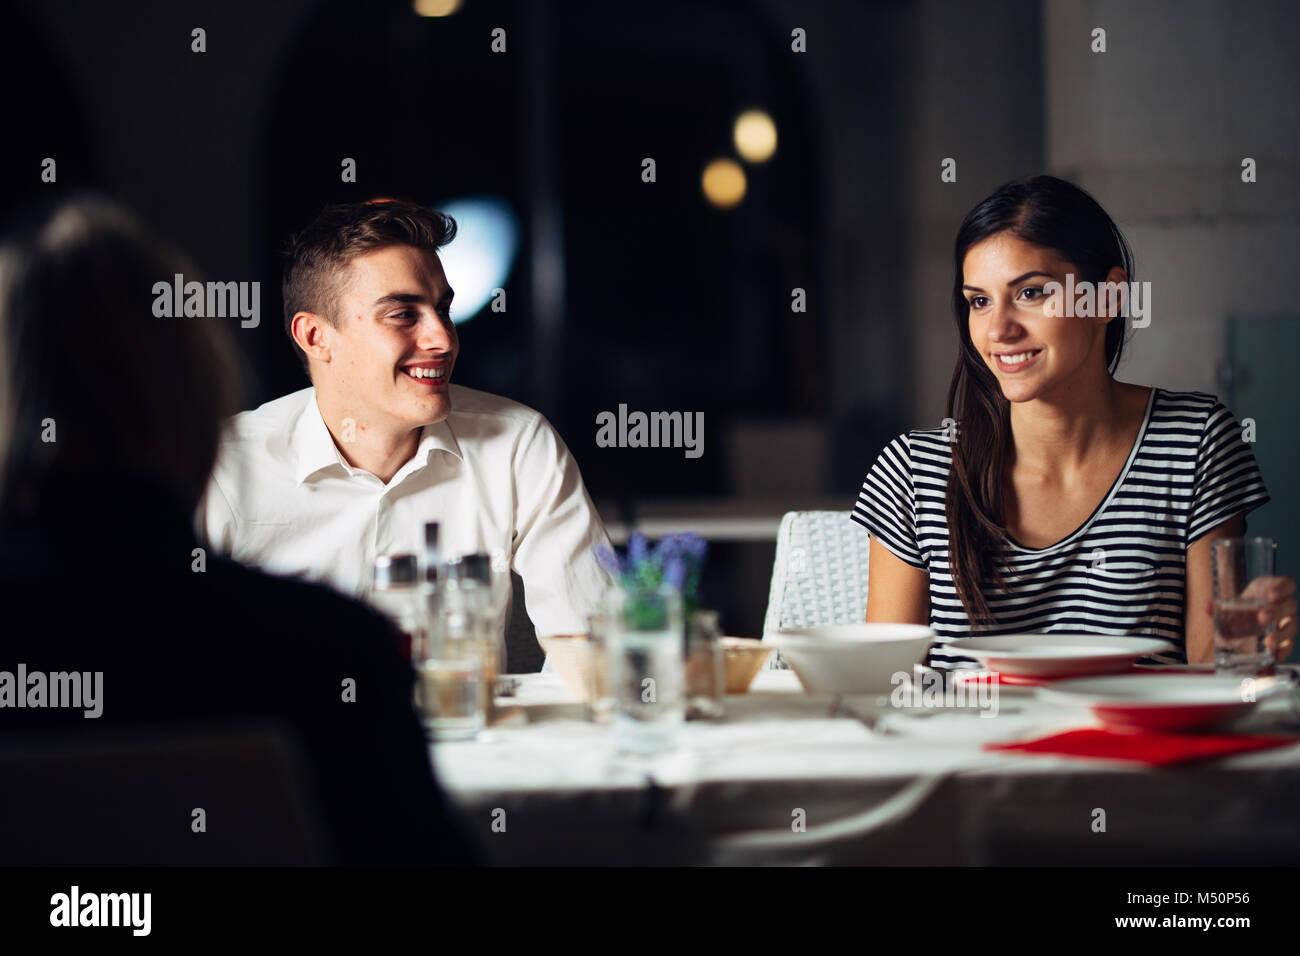 Groupe d'amis ayant un dîner dans un restaurant.Double date.Belle nuit les gens, manger dans un hôtel.personnes Photo Stock